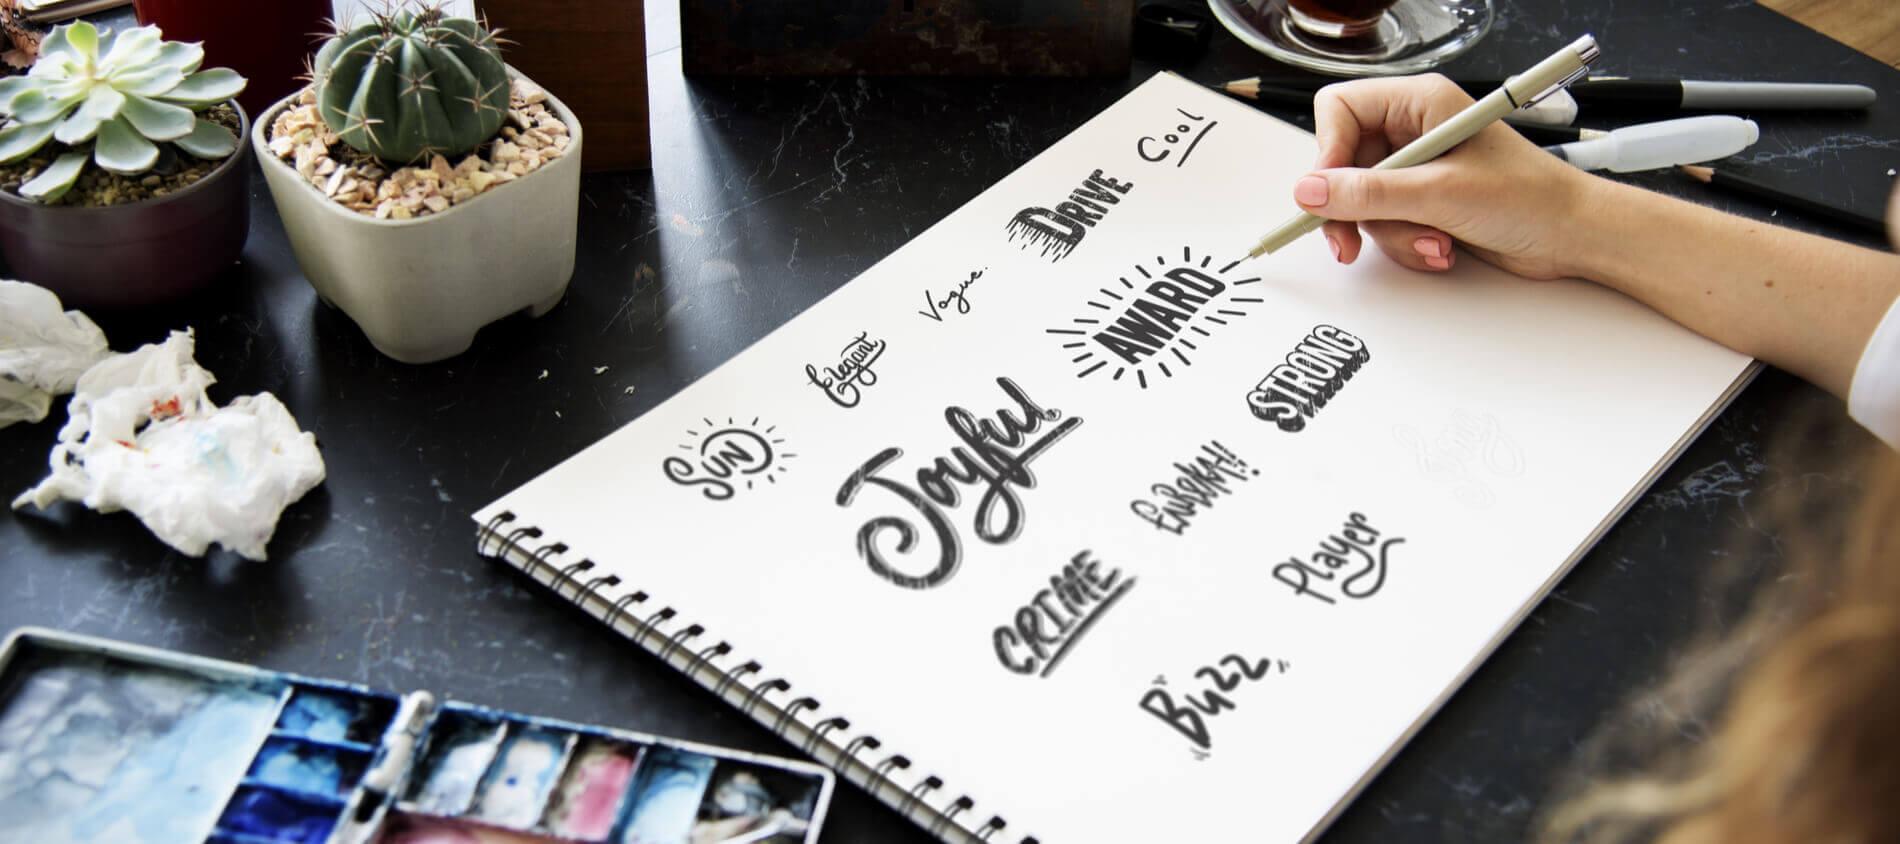 Fuentes gratis: Descarga tipografías en estos 15 sitios con las mejores fuentes gratuitas